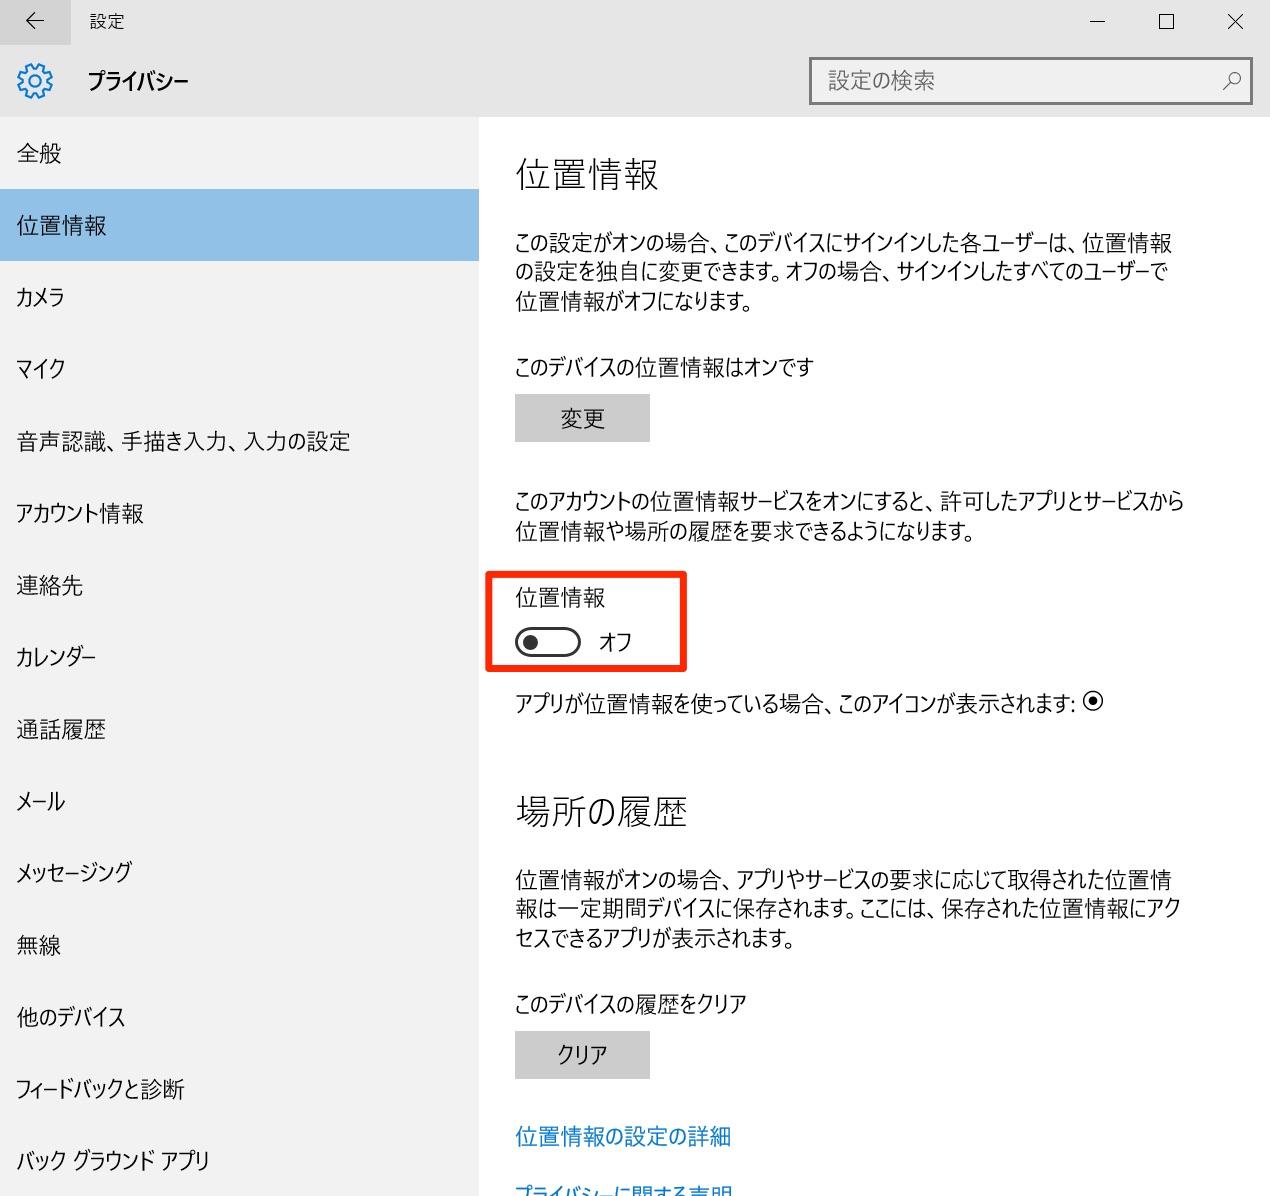 windows10-privacy_configuration4